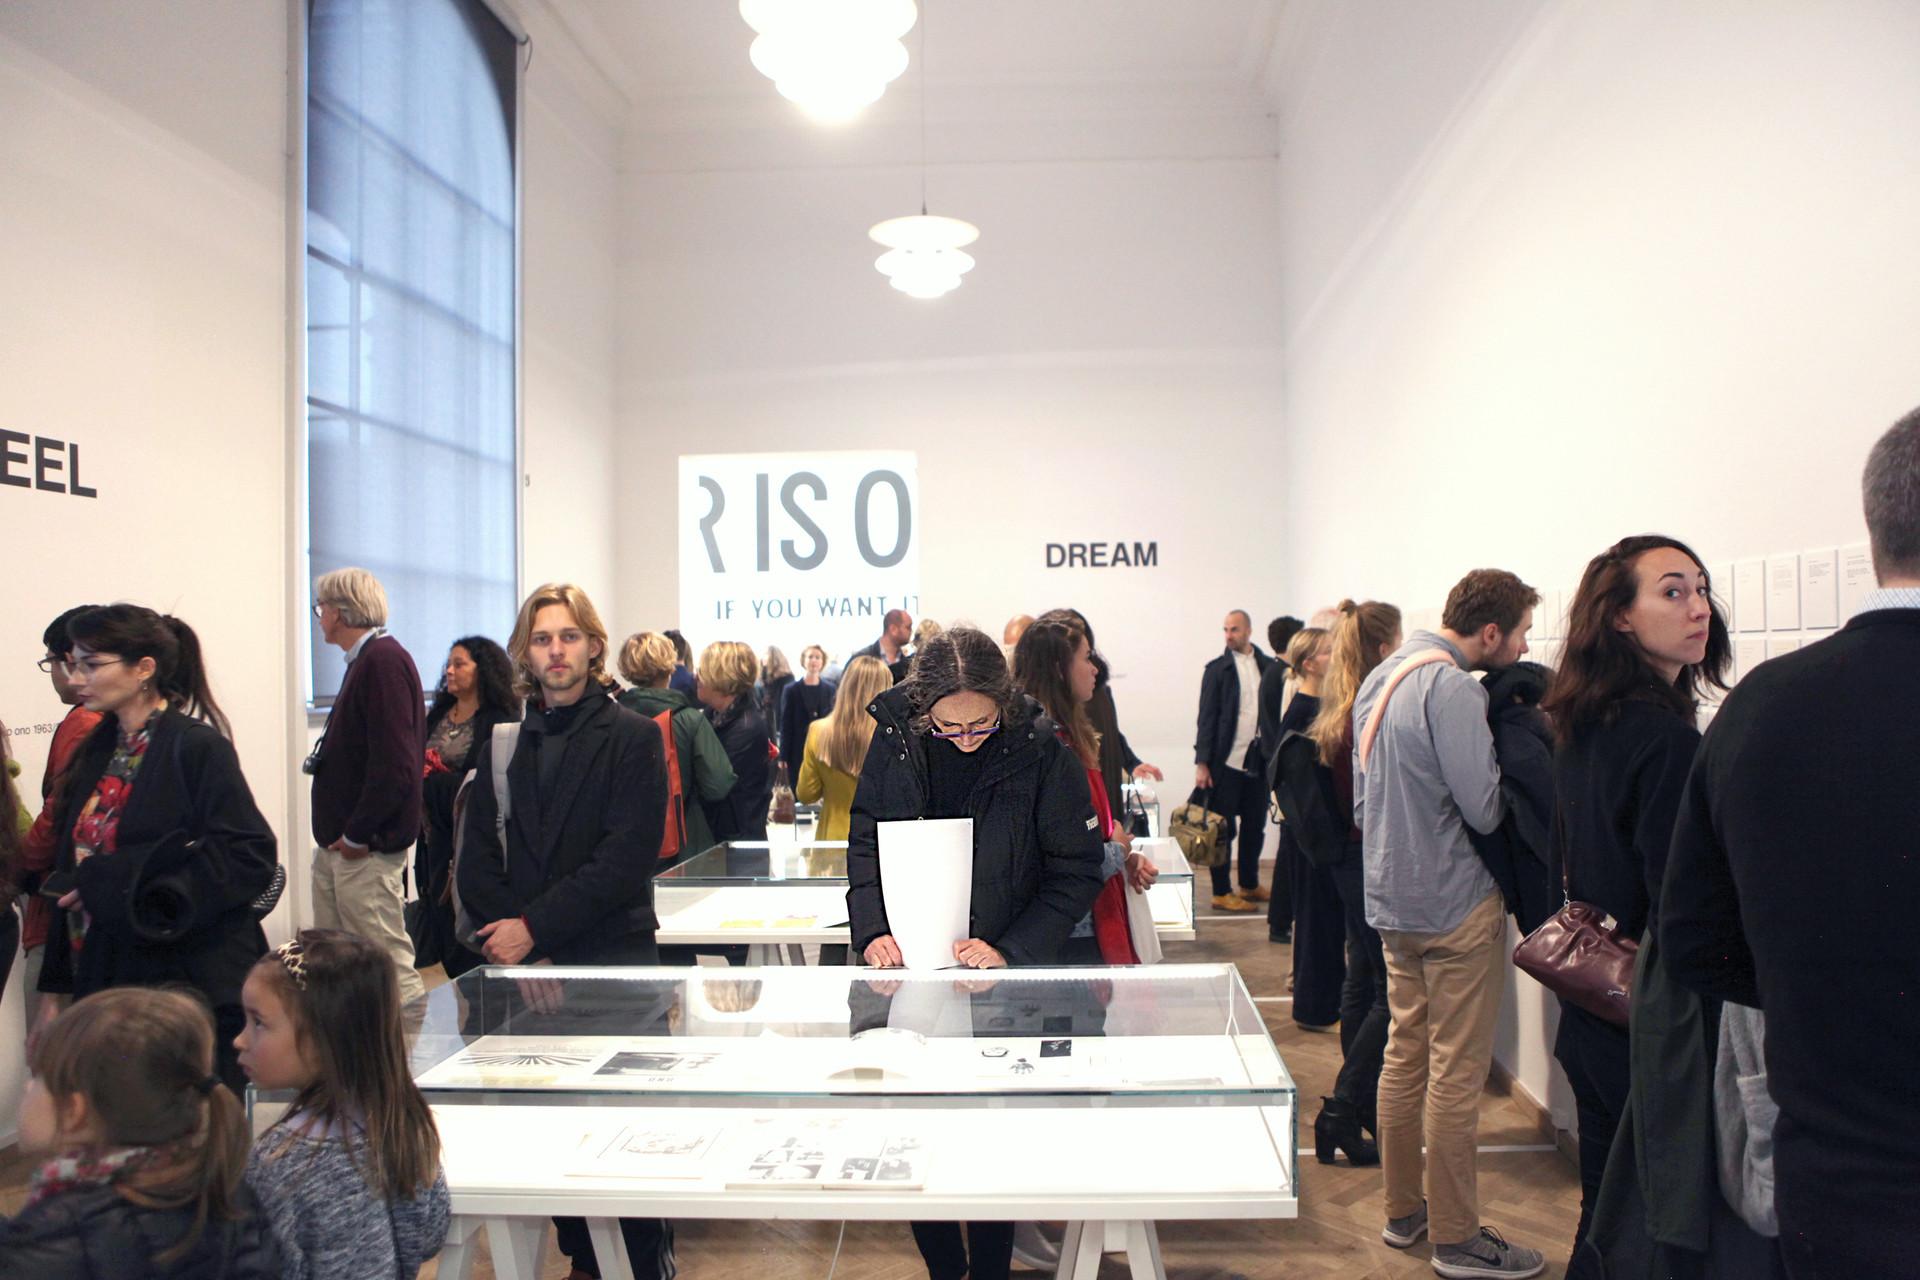 vilde livsdatter_exhibitions-8133.jpg